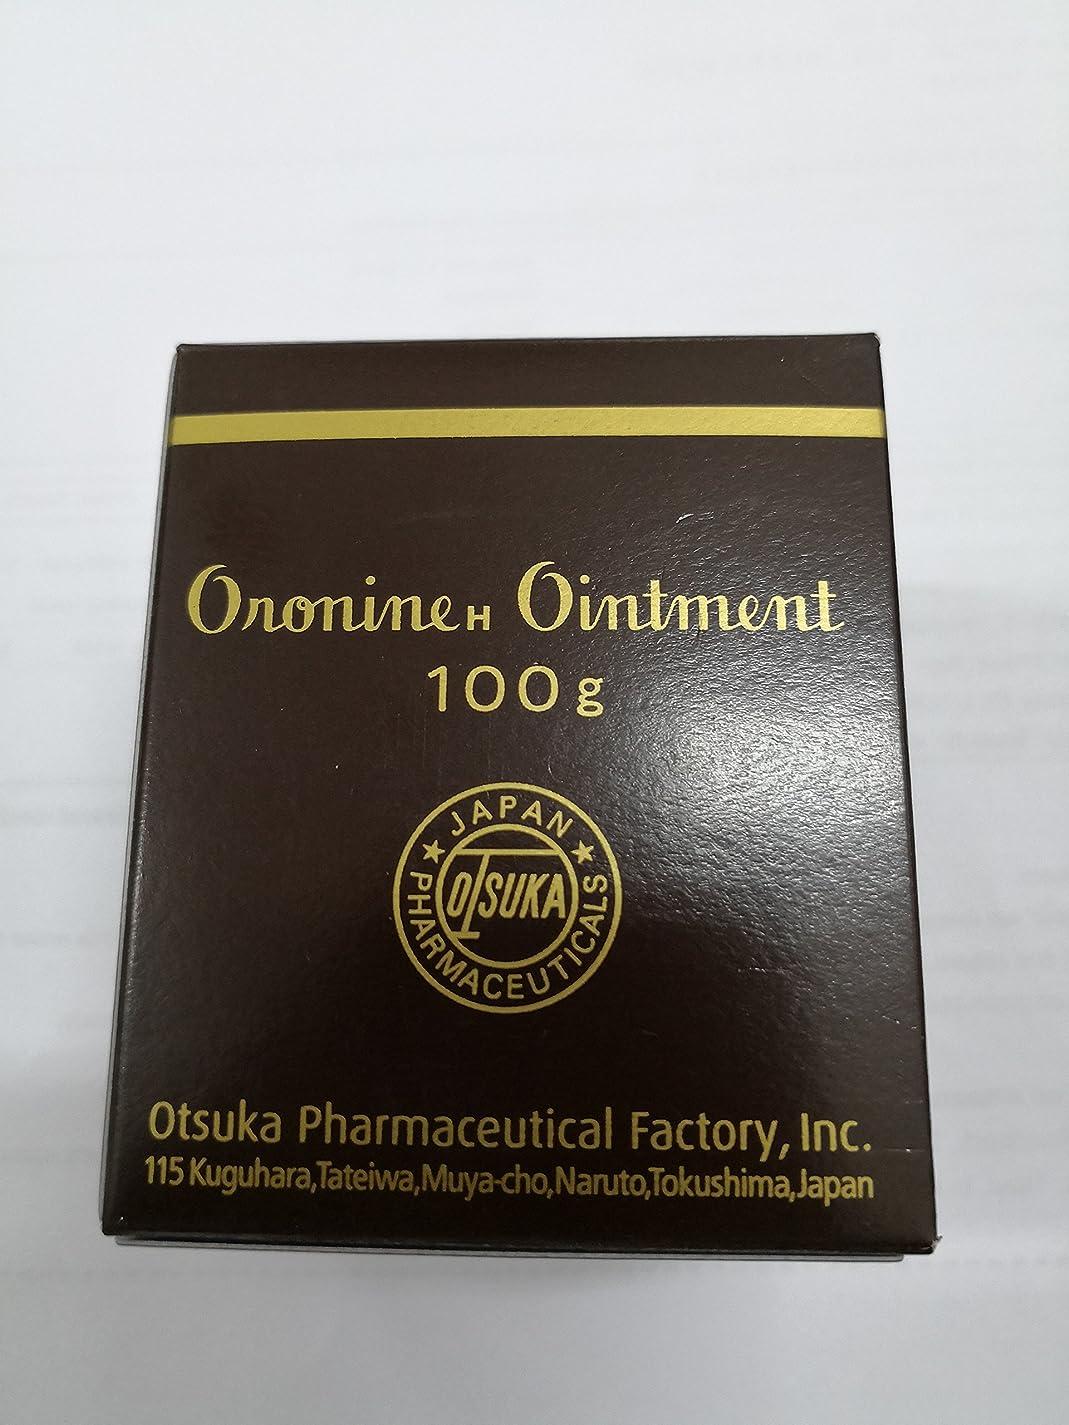 一時停止事件、出来事彼Otsuka Oronine オロニンh軟膏(スキンクレンザー&モイスチャライザー) - 大3.5オンス